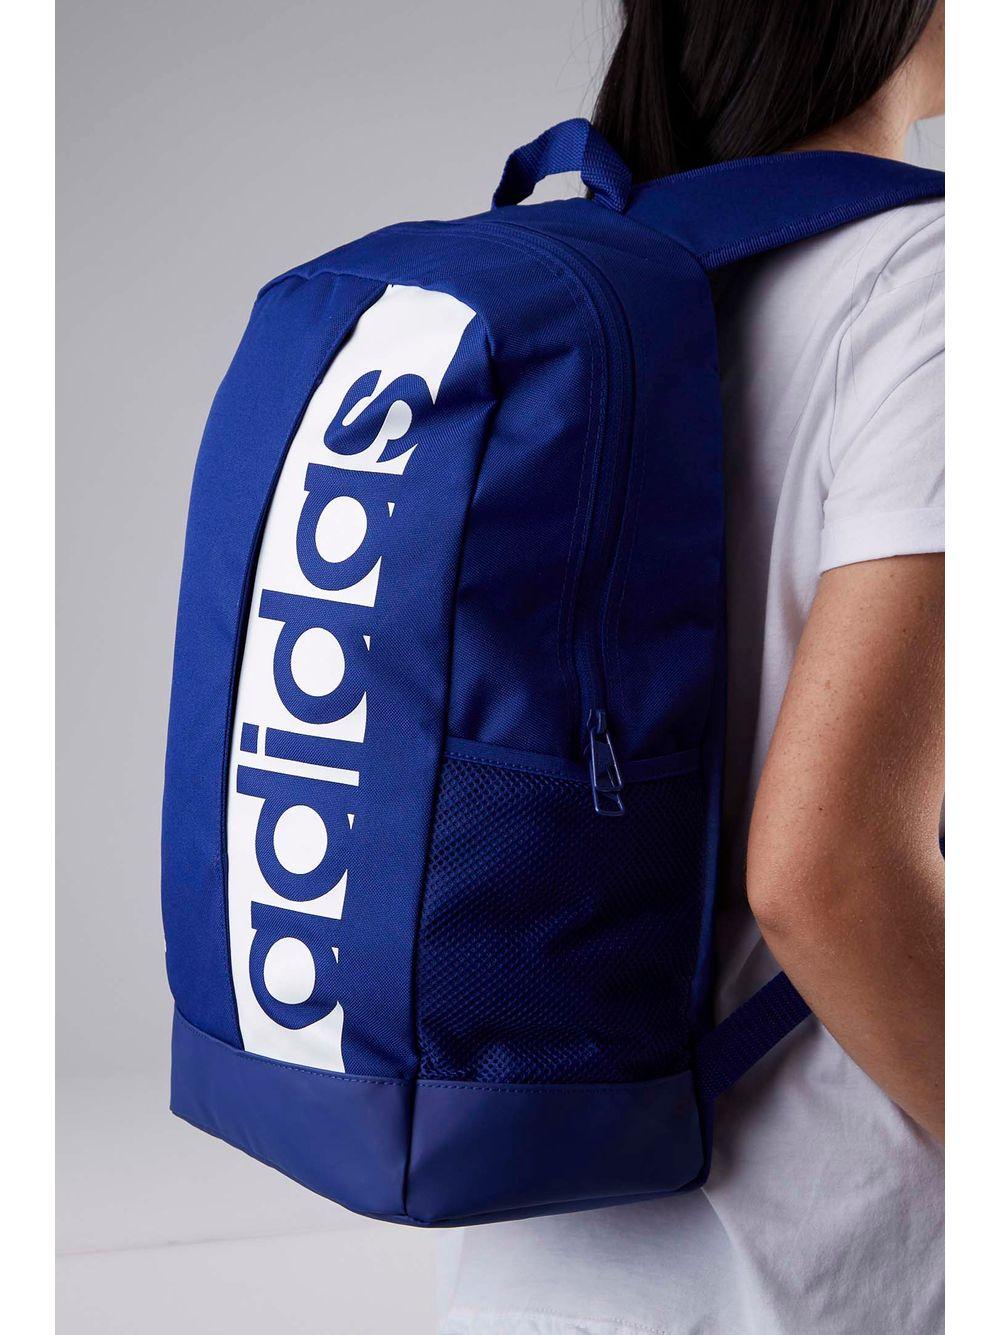 Mochila Esportiva Adidas Lin Per Bp Azul - pittol 03300e83a17a0